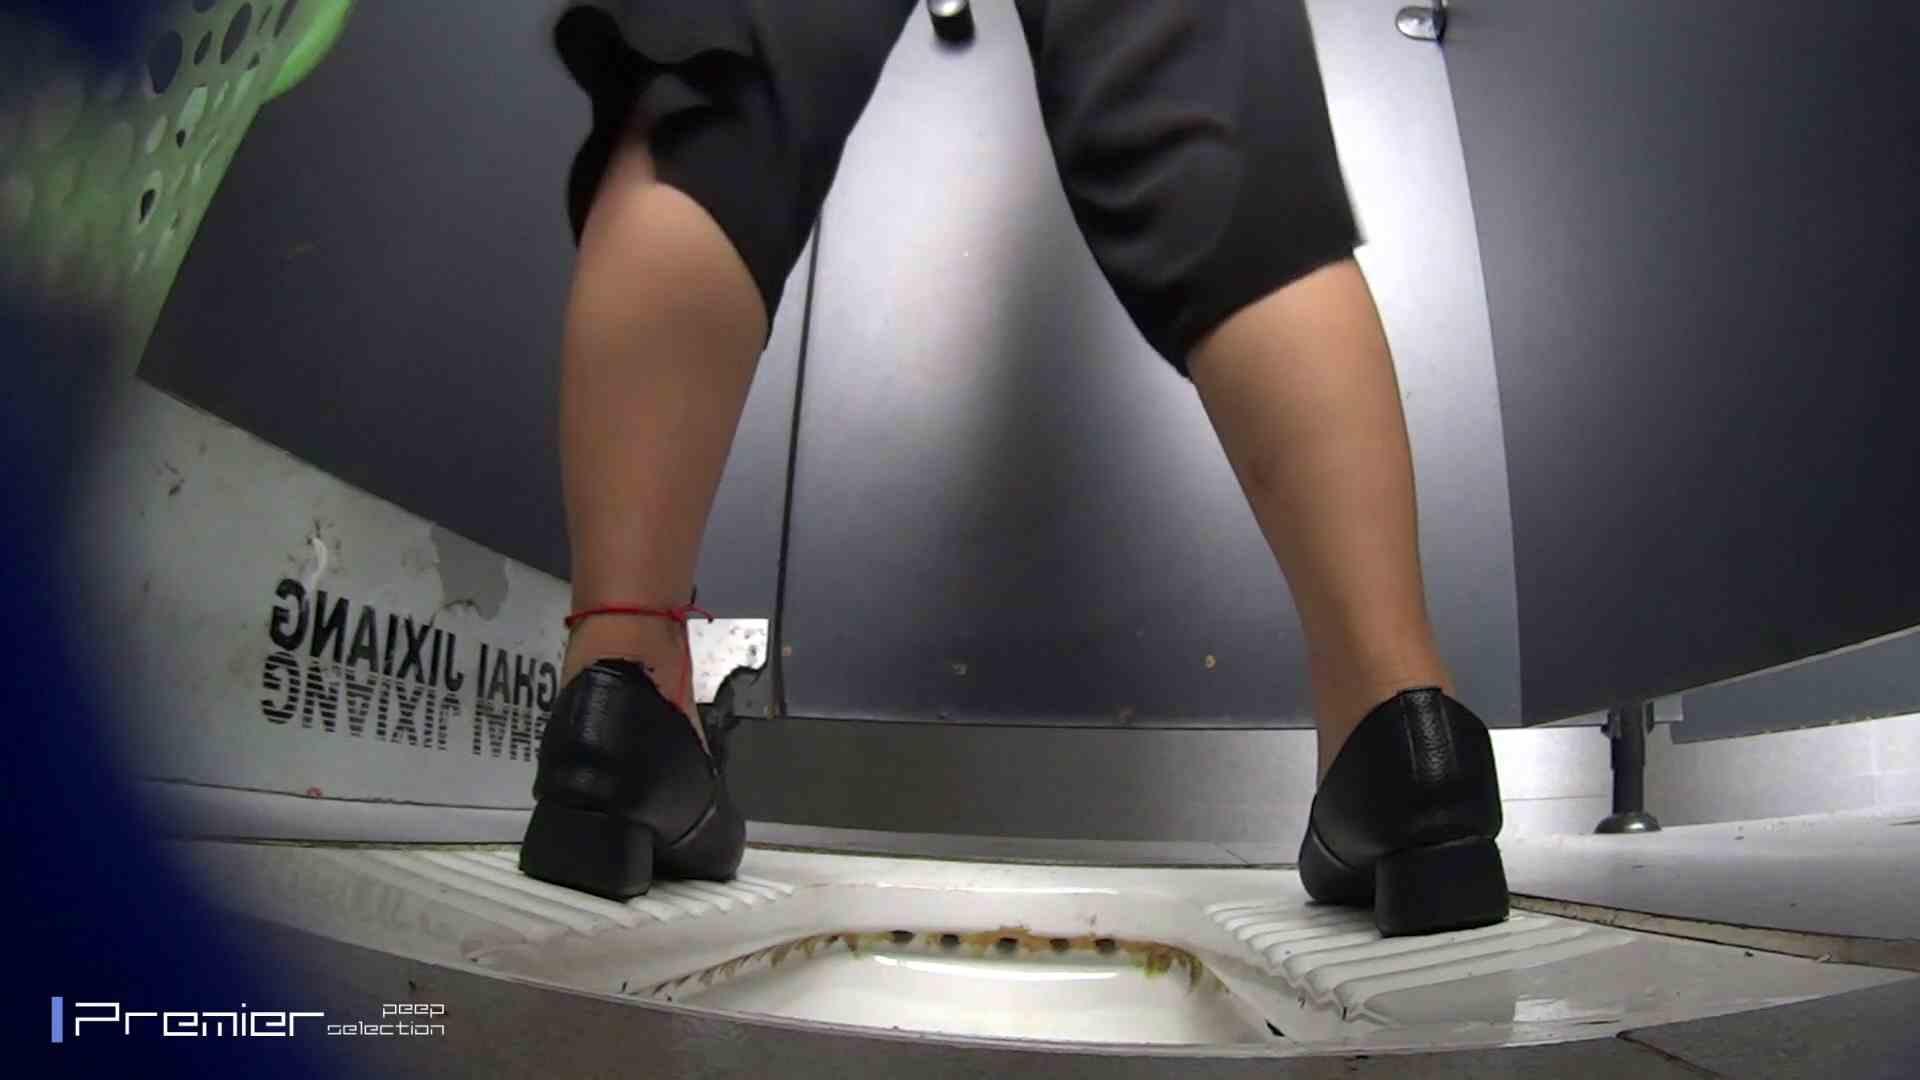 夏全開!ハーフパンツのギャル達 大学休憩時間の洗面所事情44 盗撮で悶絶 オメコ無修正動画無料 105画像 69